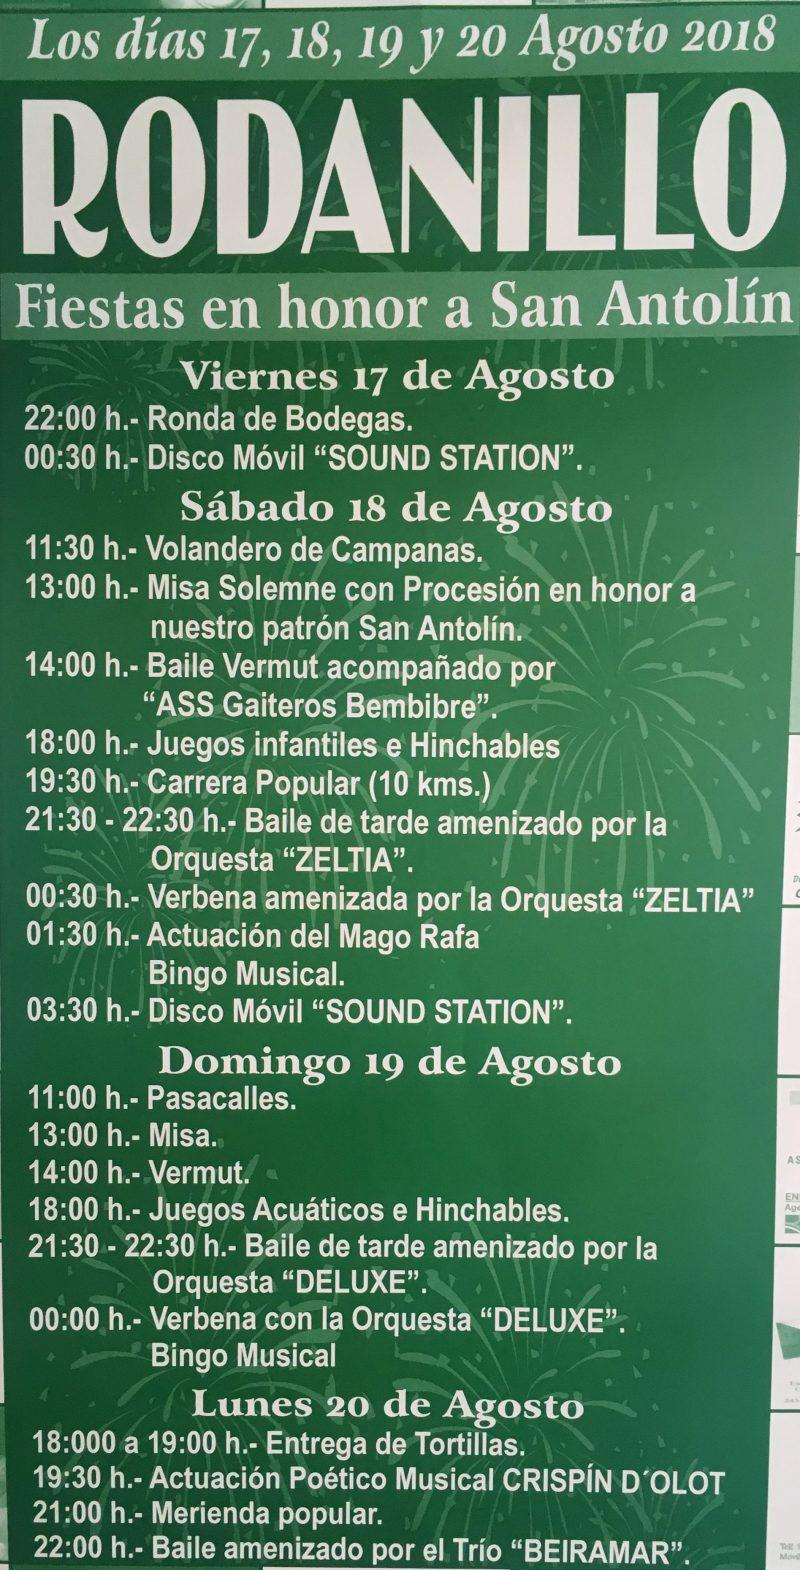 Planes para el fin de semana en Ponferrada y El Bierzo 17 al 19 de agosto 2018 15